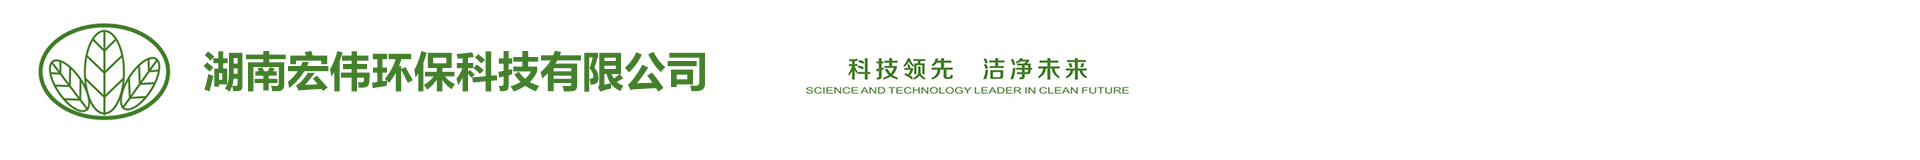 湖南宏伟环保科技有限公司-官网